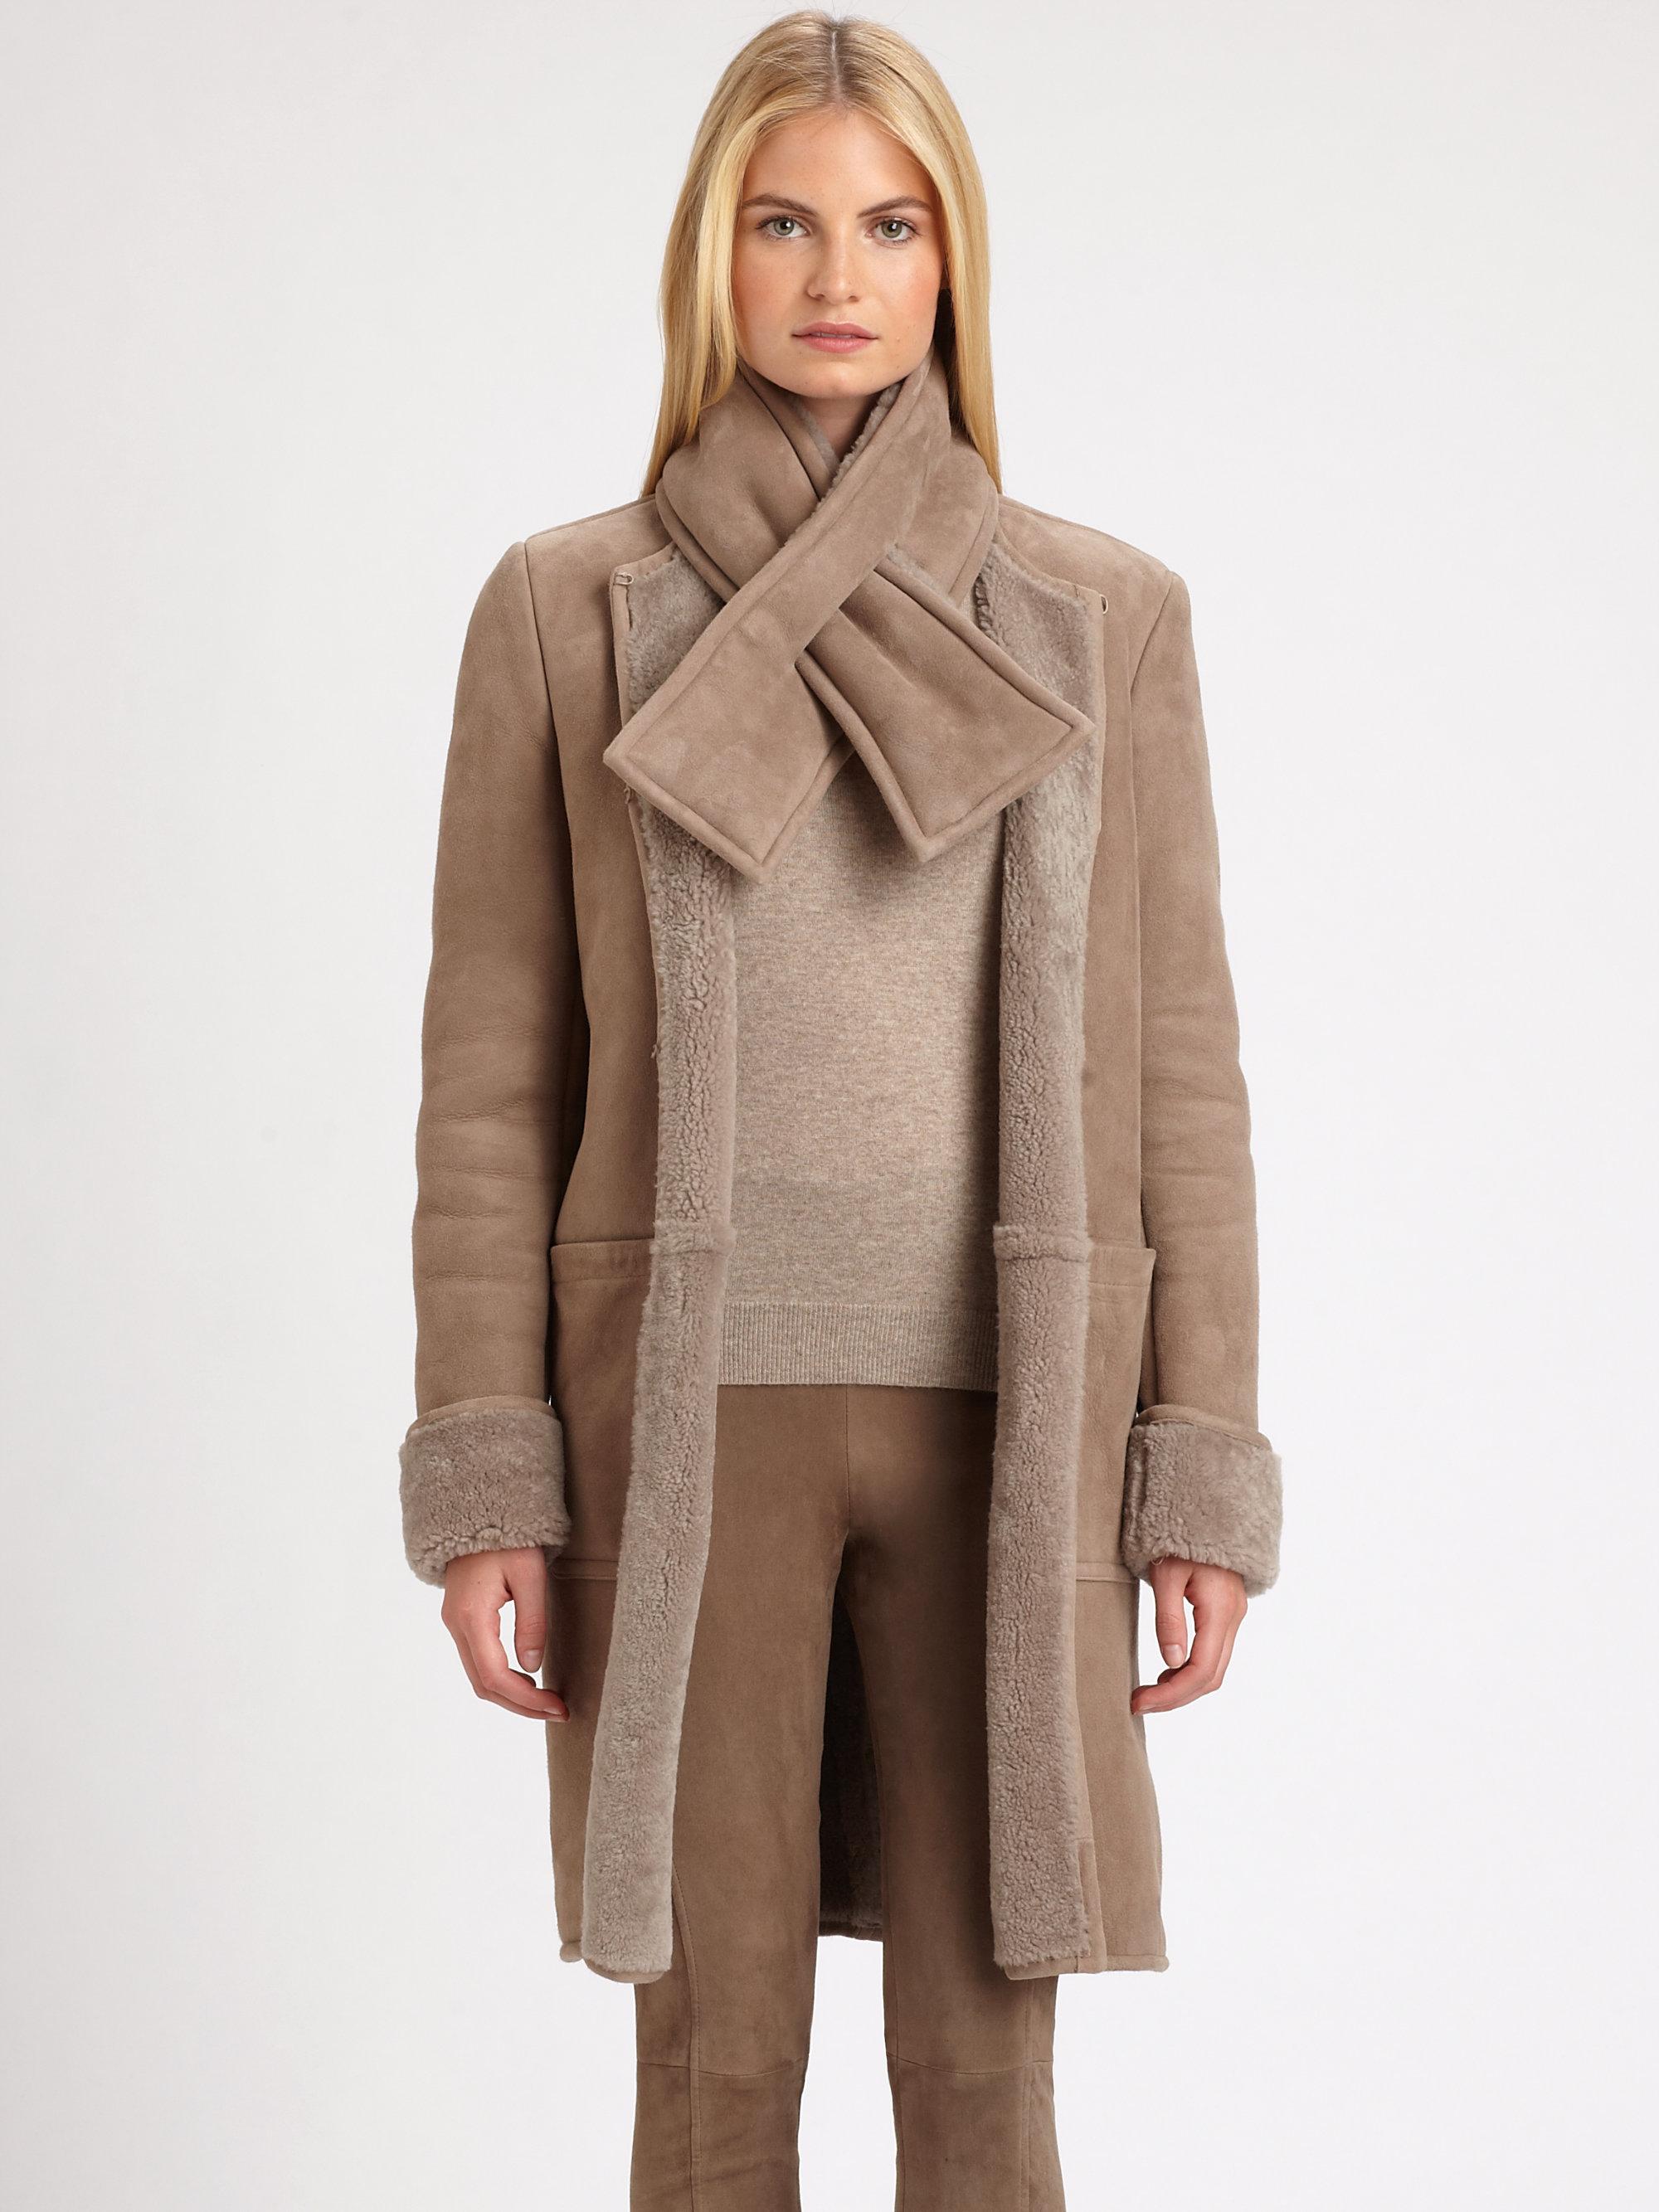 Ralph lauren black label Shearling Garner Coat in Natural | Lyst